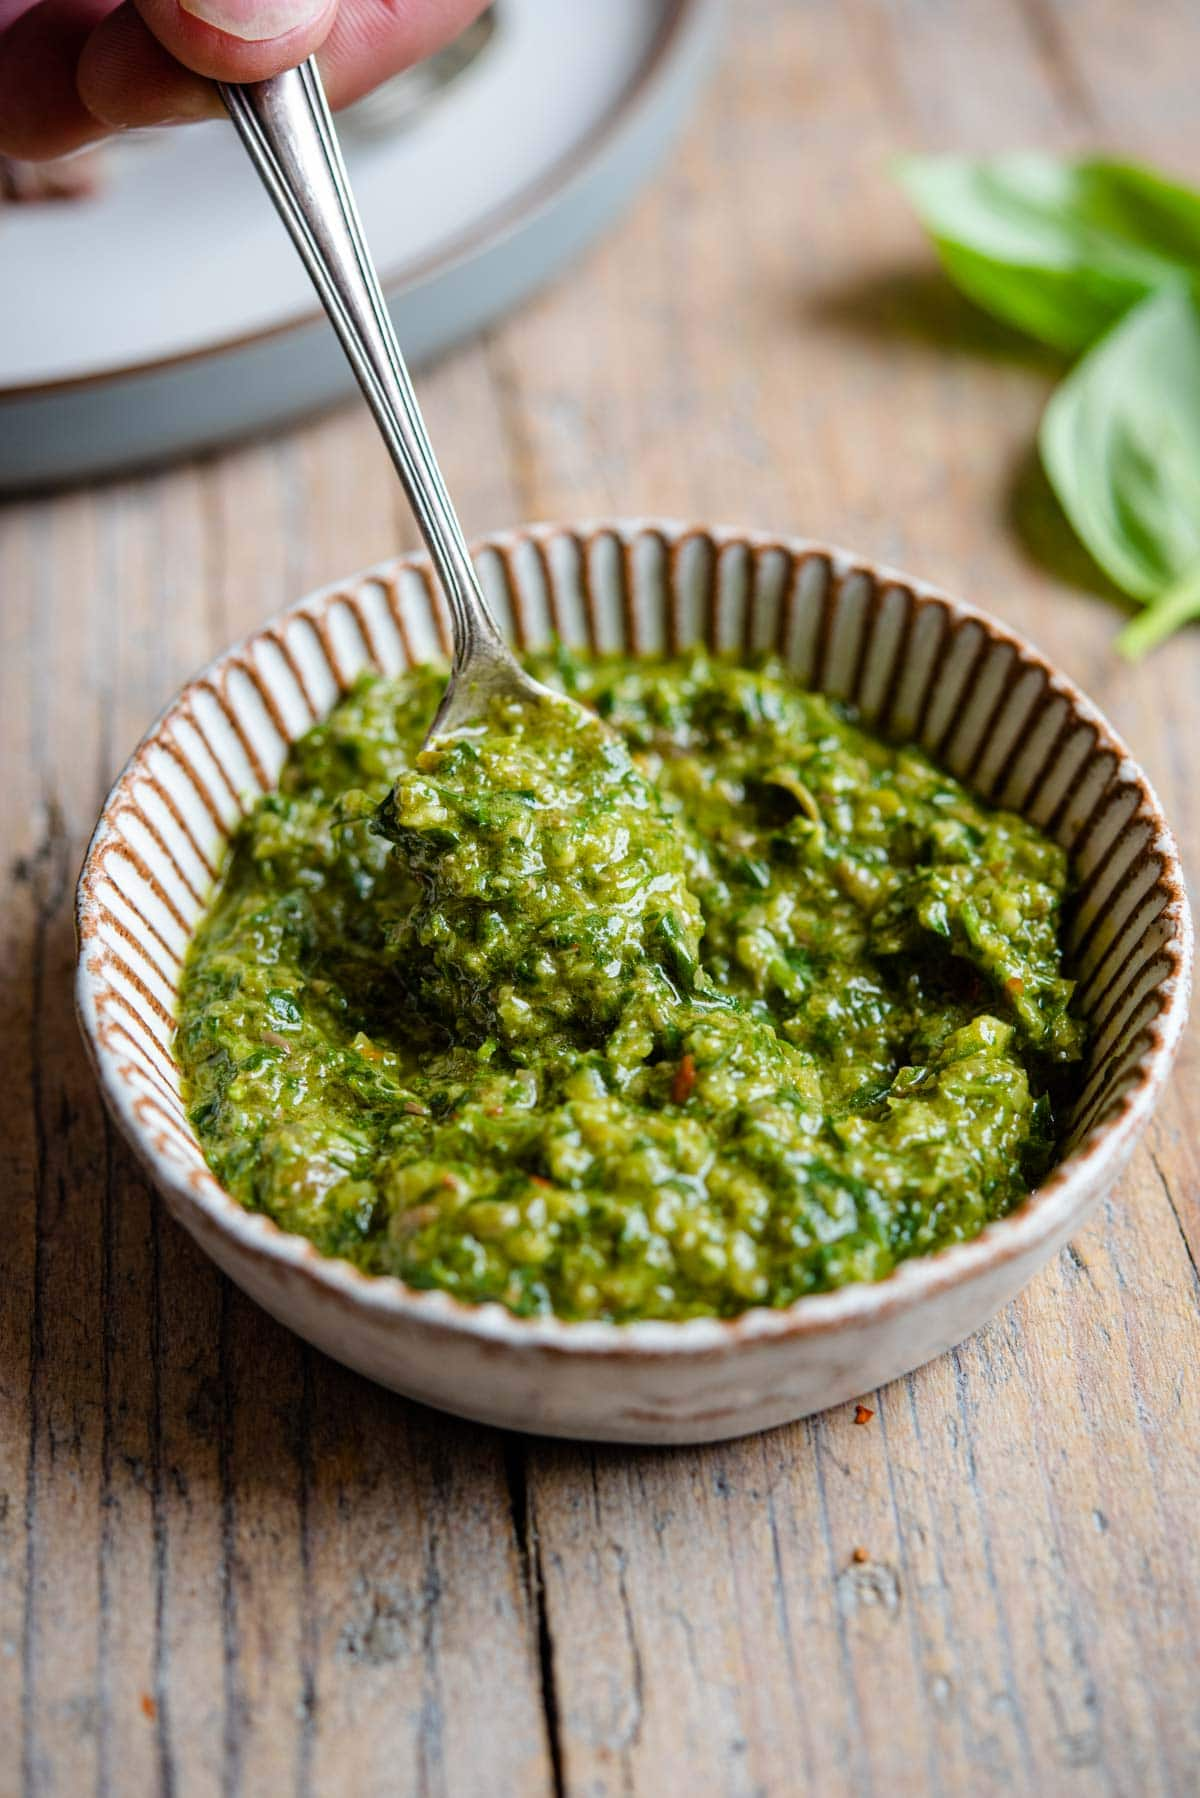 A close up of salsa verde in a ramekin